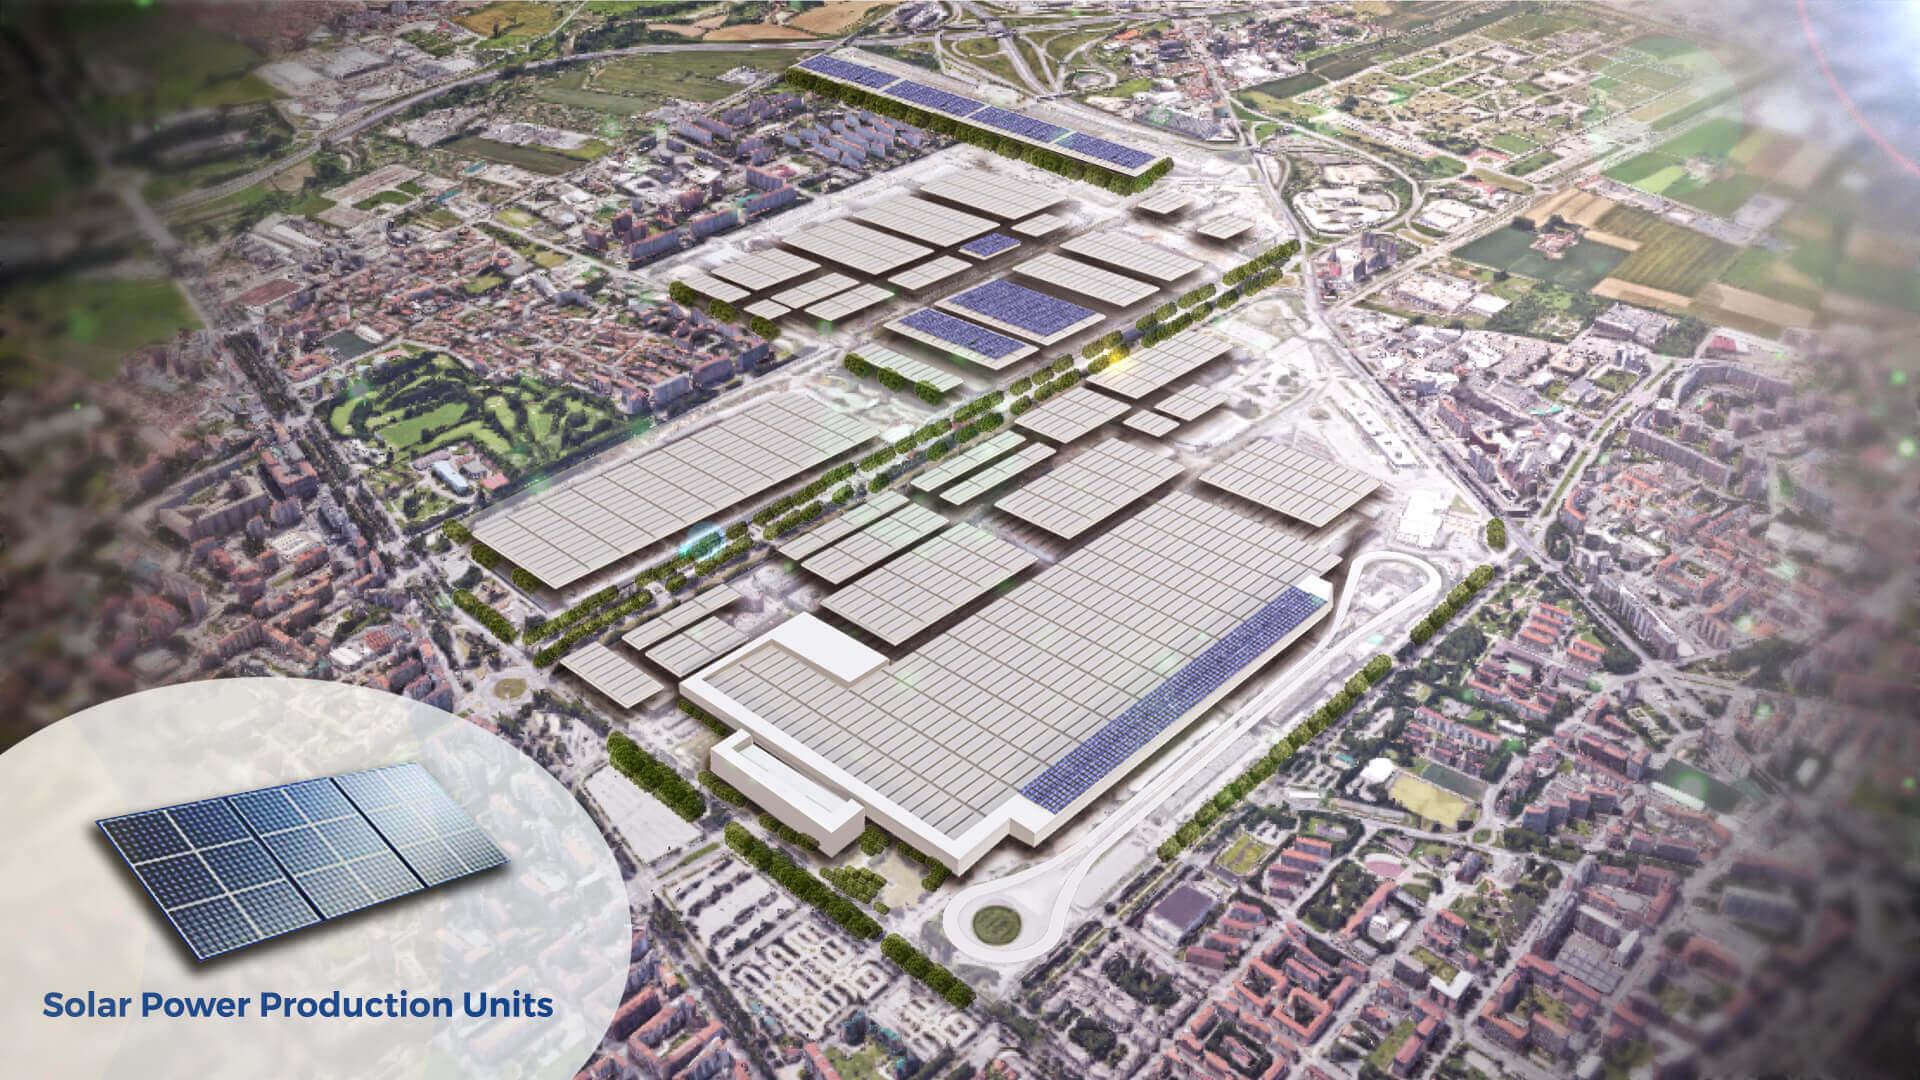 FCA объявила об установке фотоэлектрических панелей по производству солнечной энергии в Мирафиори площадью 150 000 квадратных метров